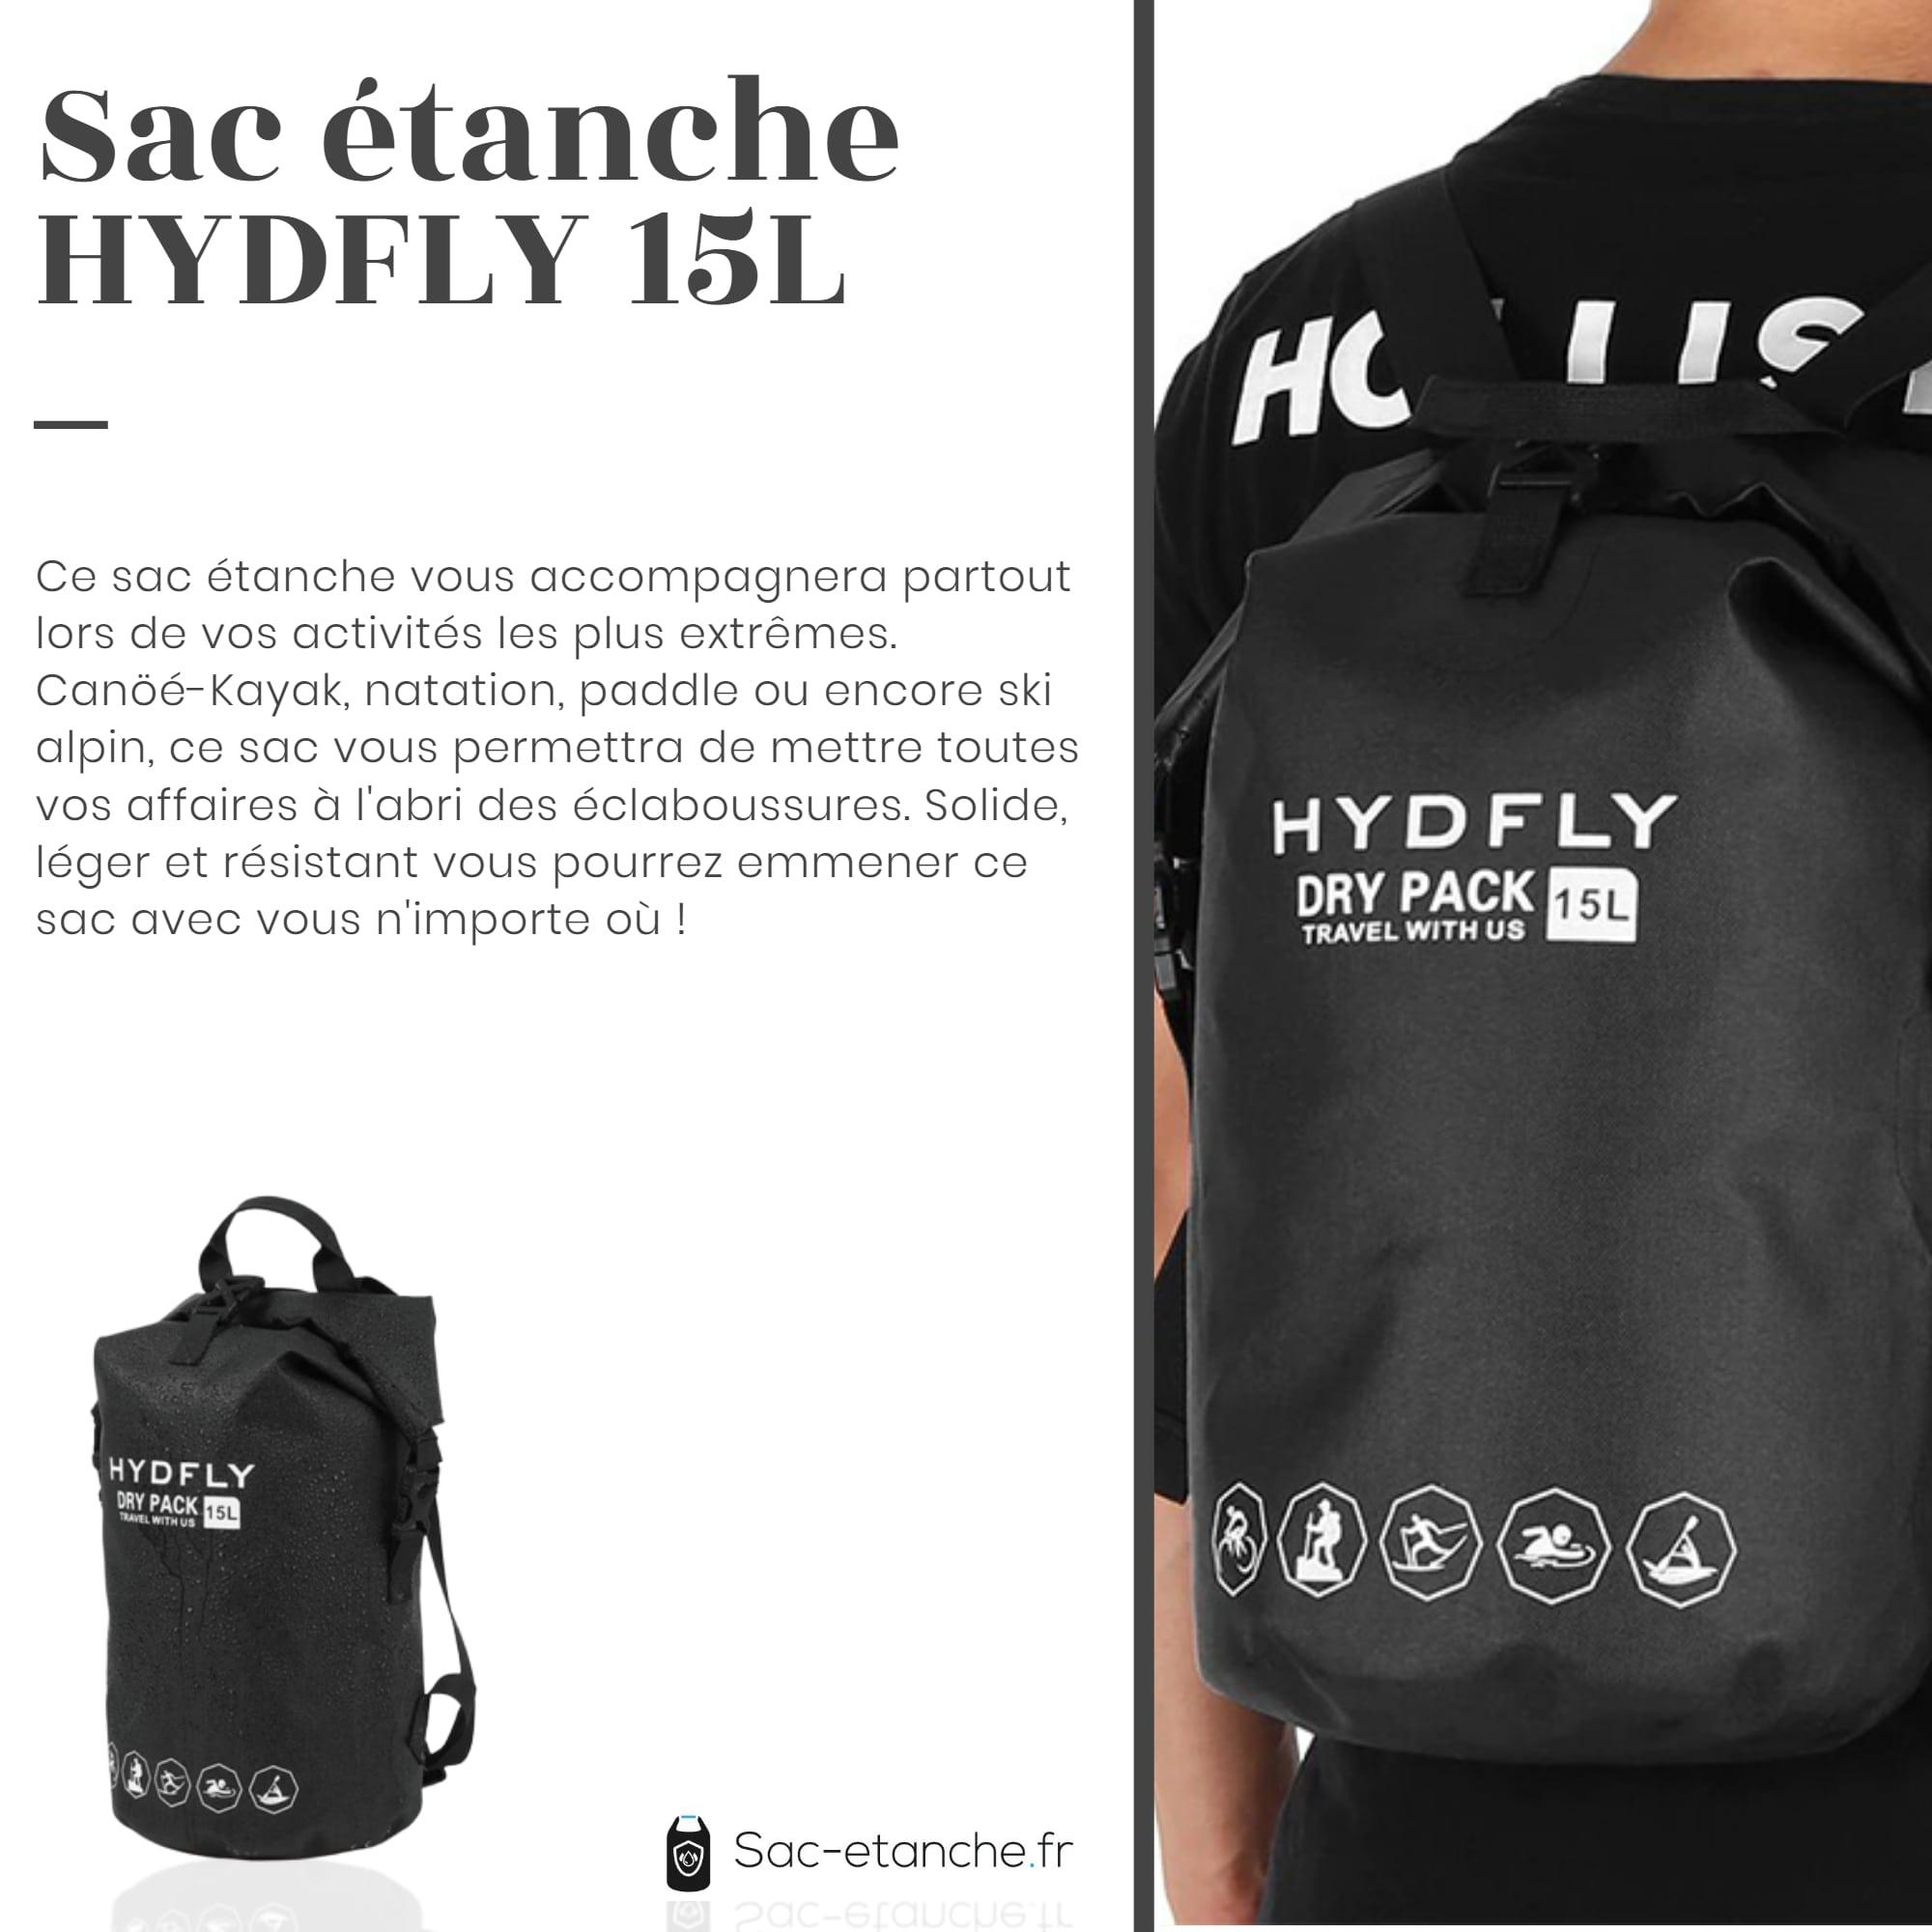 sac étanche hydfly 15l